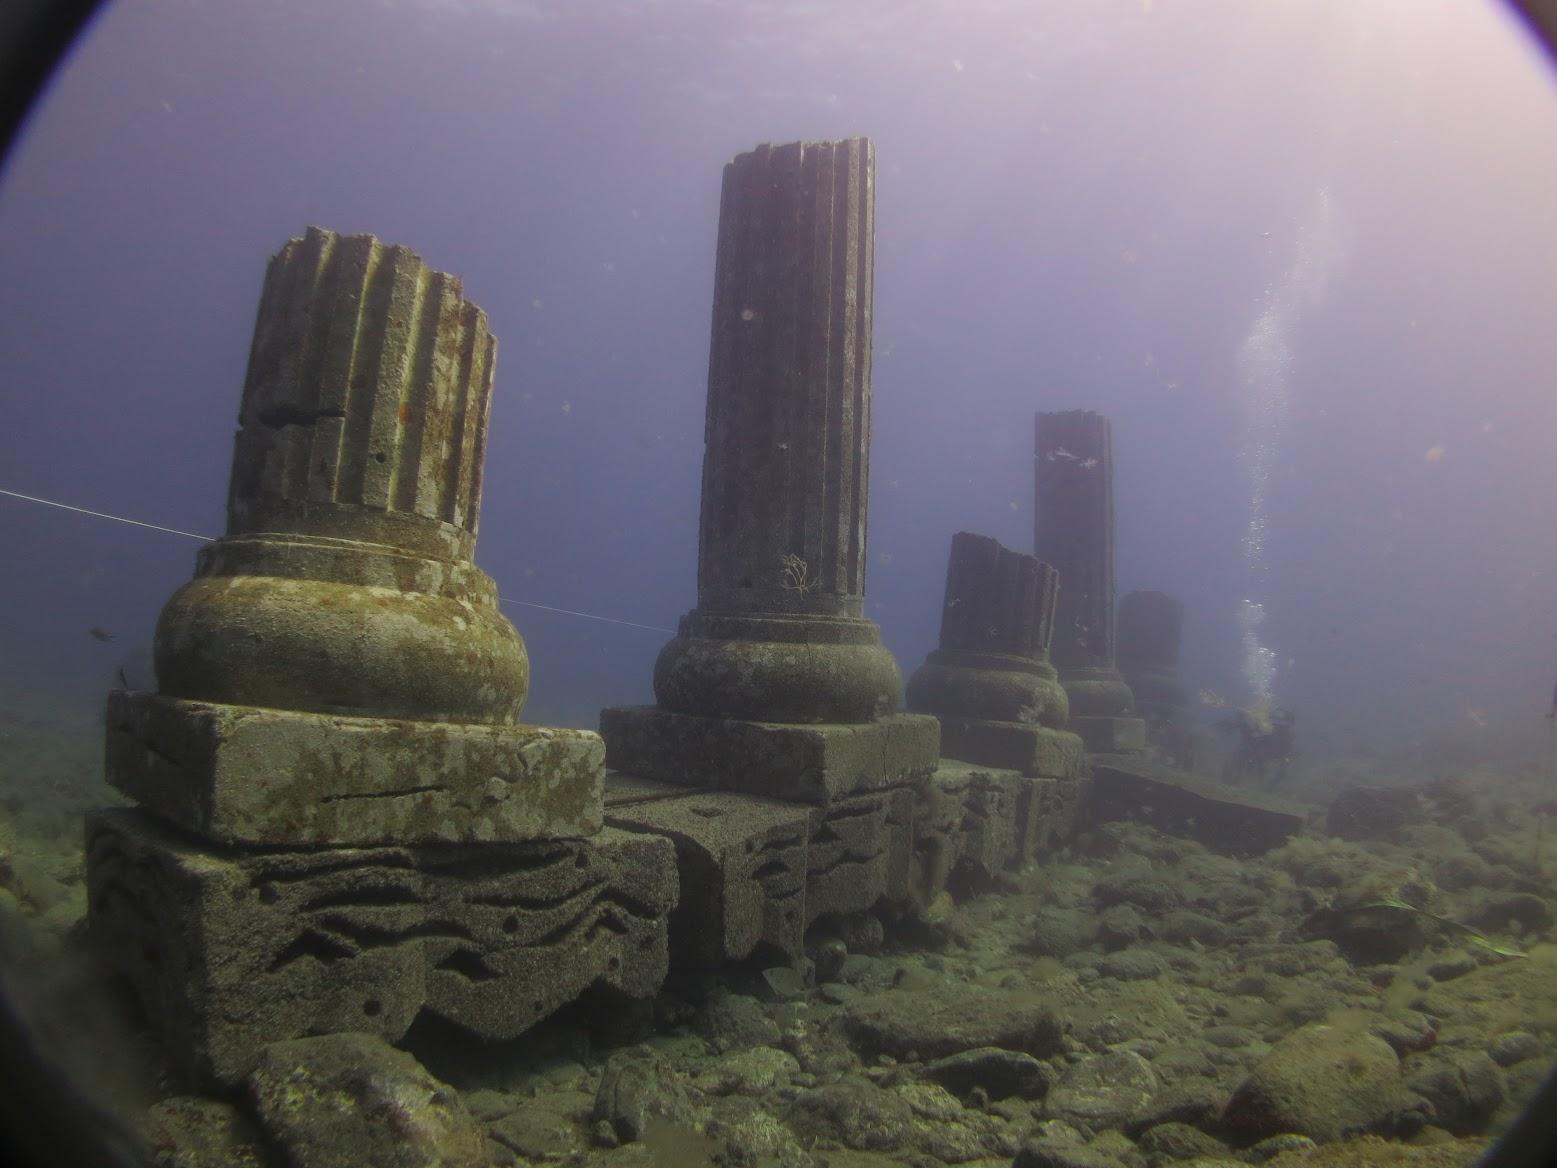 Ddecorado submarino con forma de columnas